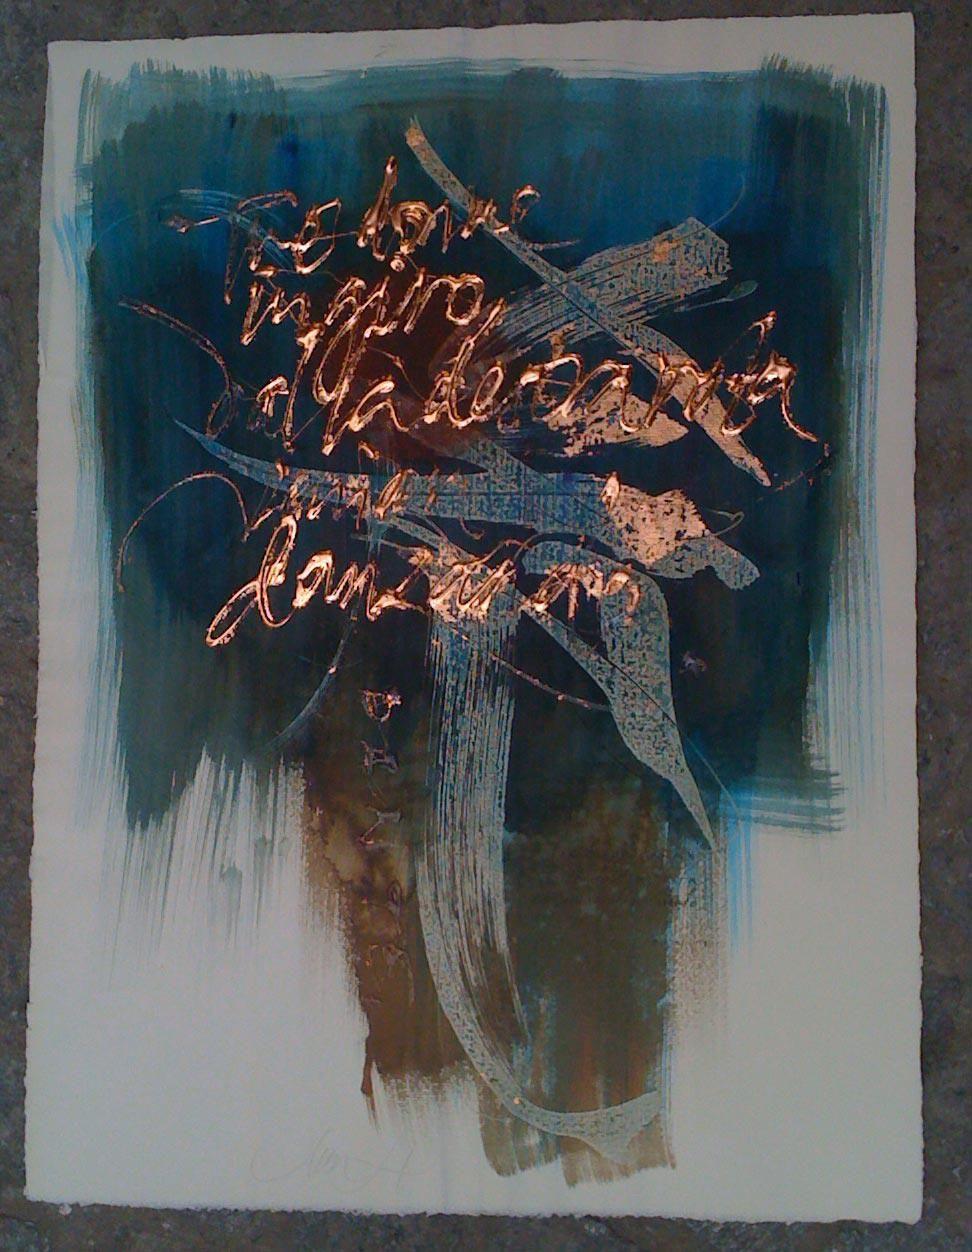 """Chen Li, """"Tree Woman"""" (2012) - """"Tre donne in giro da la destra rota   venian danzando; l'una tanto rossa   ch'a pena fora dentro al foco nota [...]"""" (Dante Alighieri, Purgatorio · Canto XXIX)"""